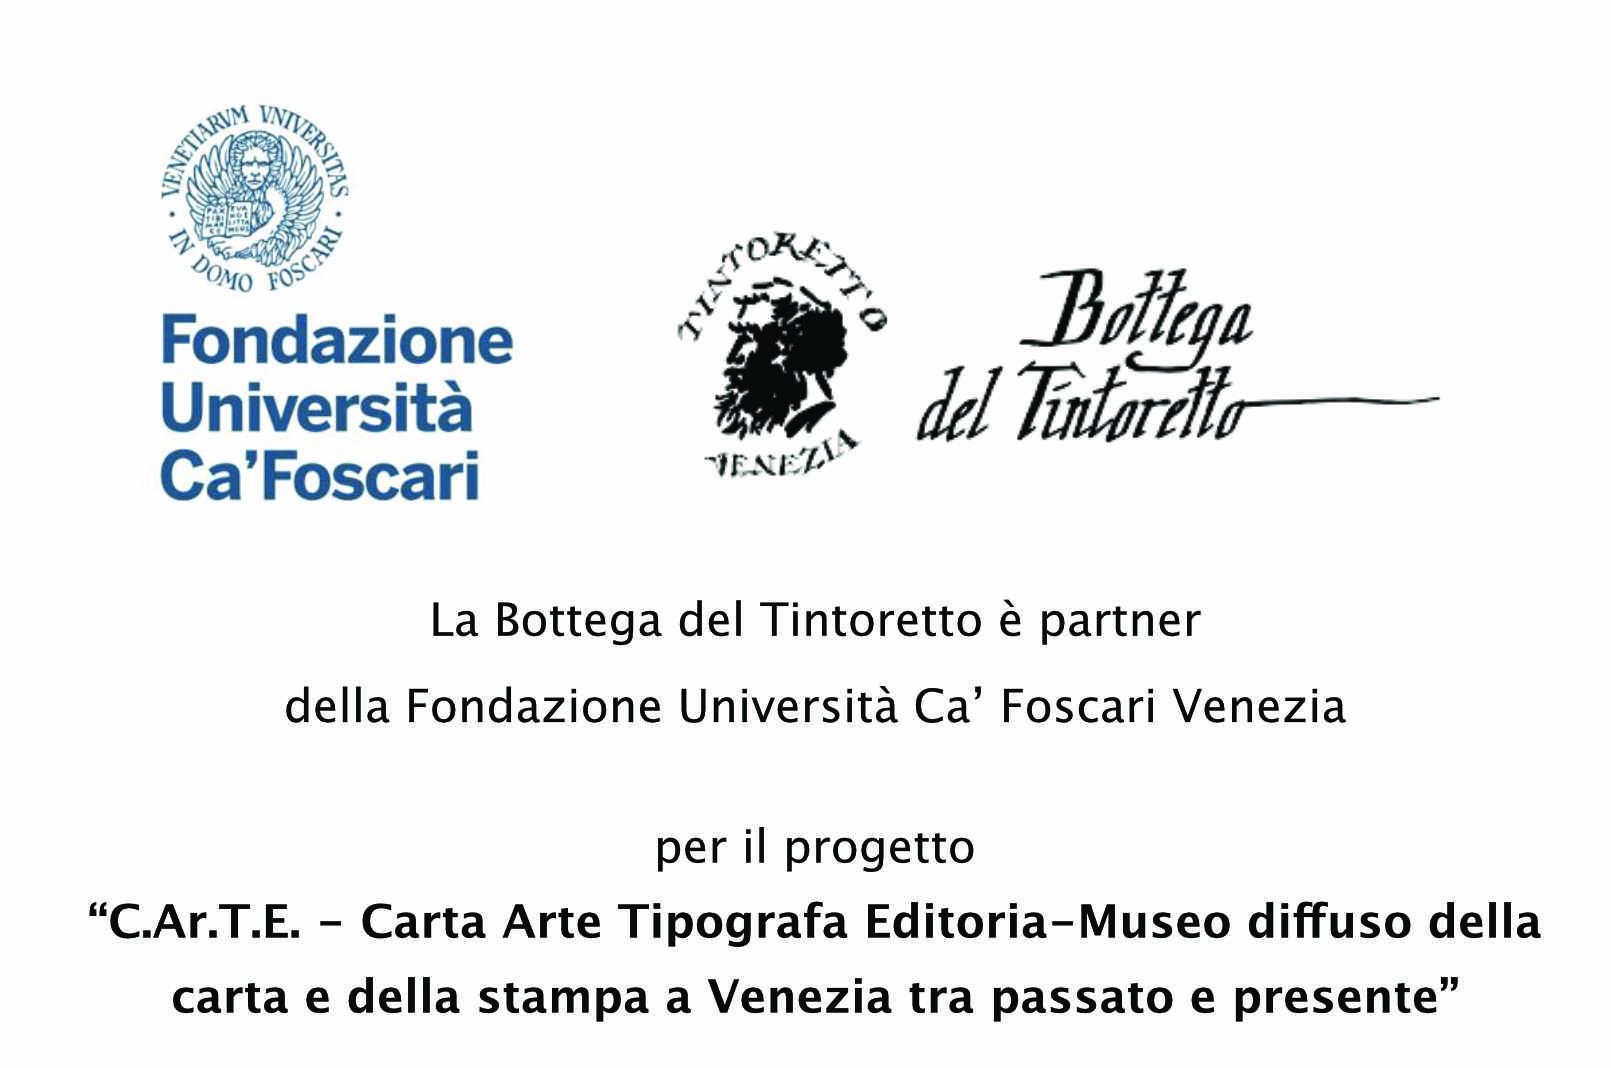 La bottega del Tintoretto partner di Fondazione Università Ca' Foscari